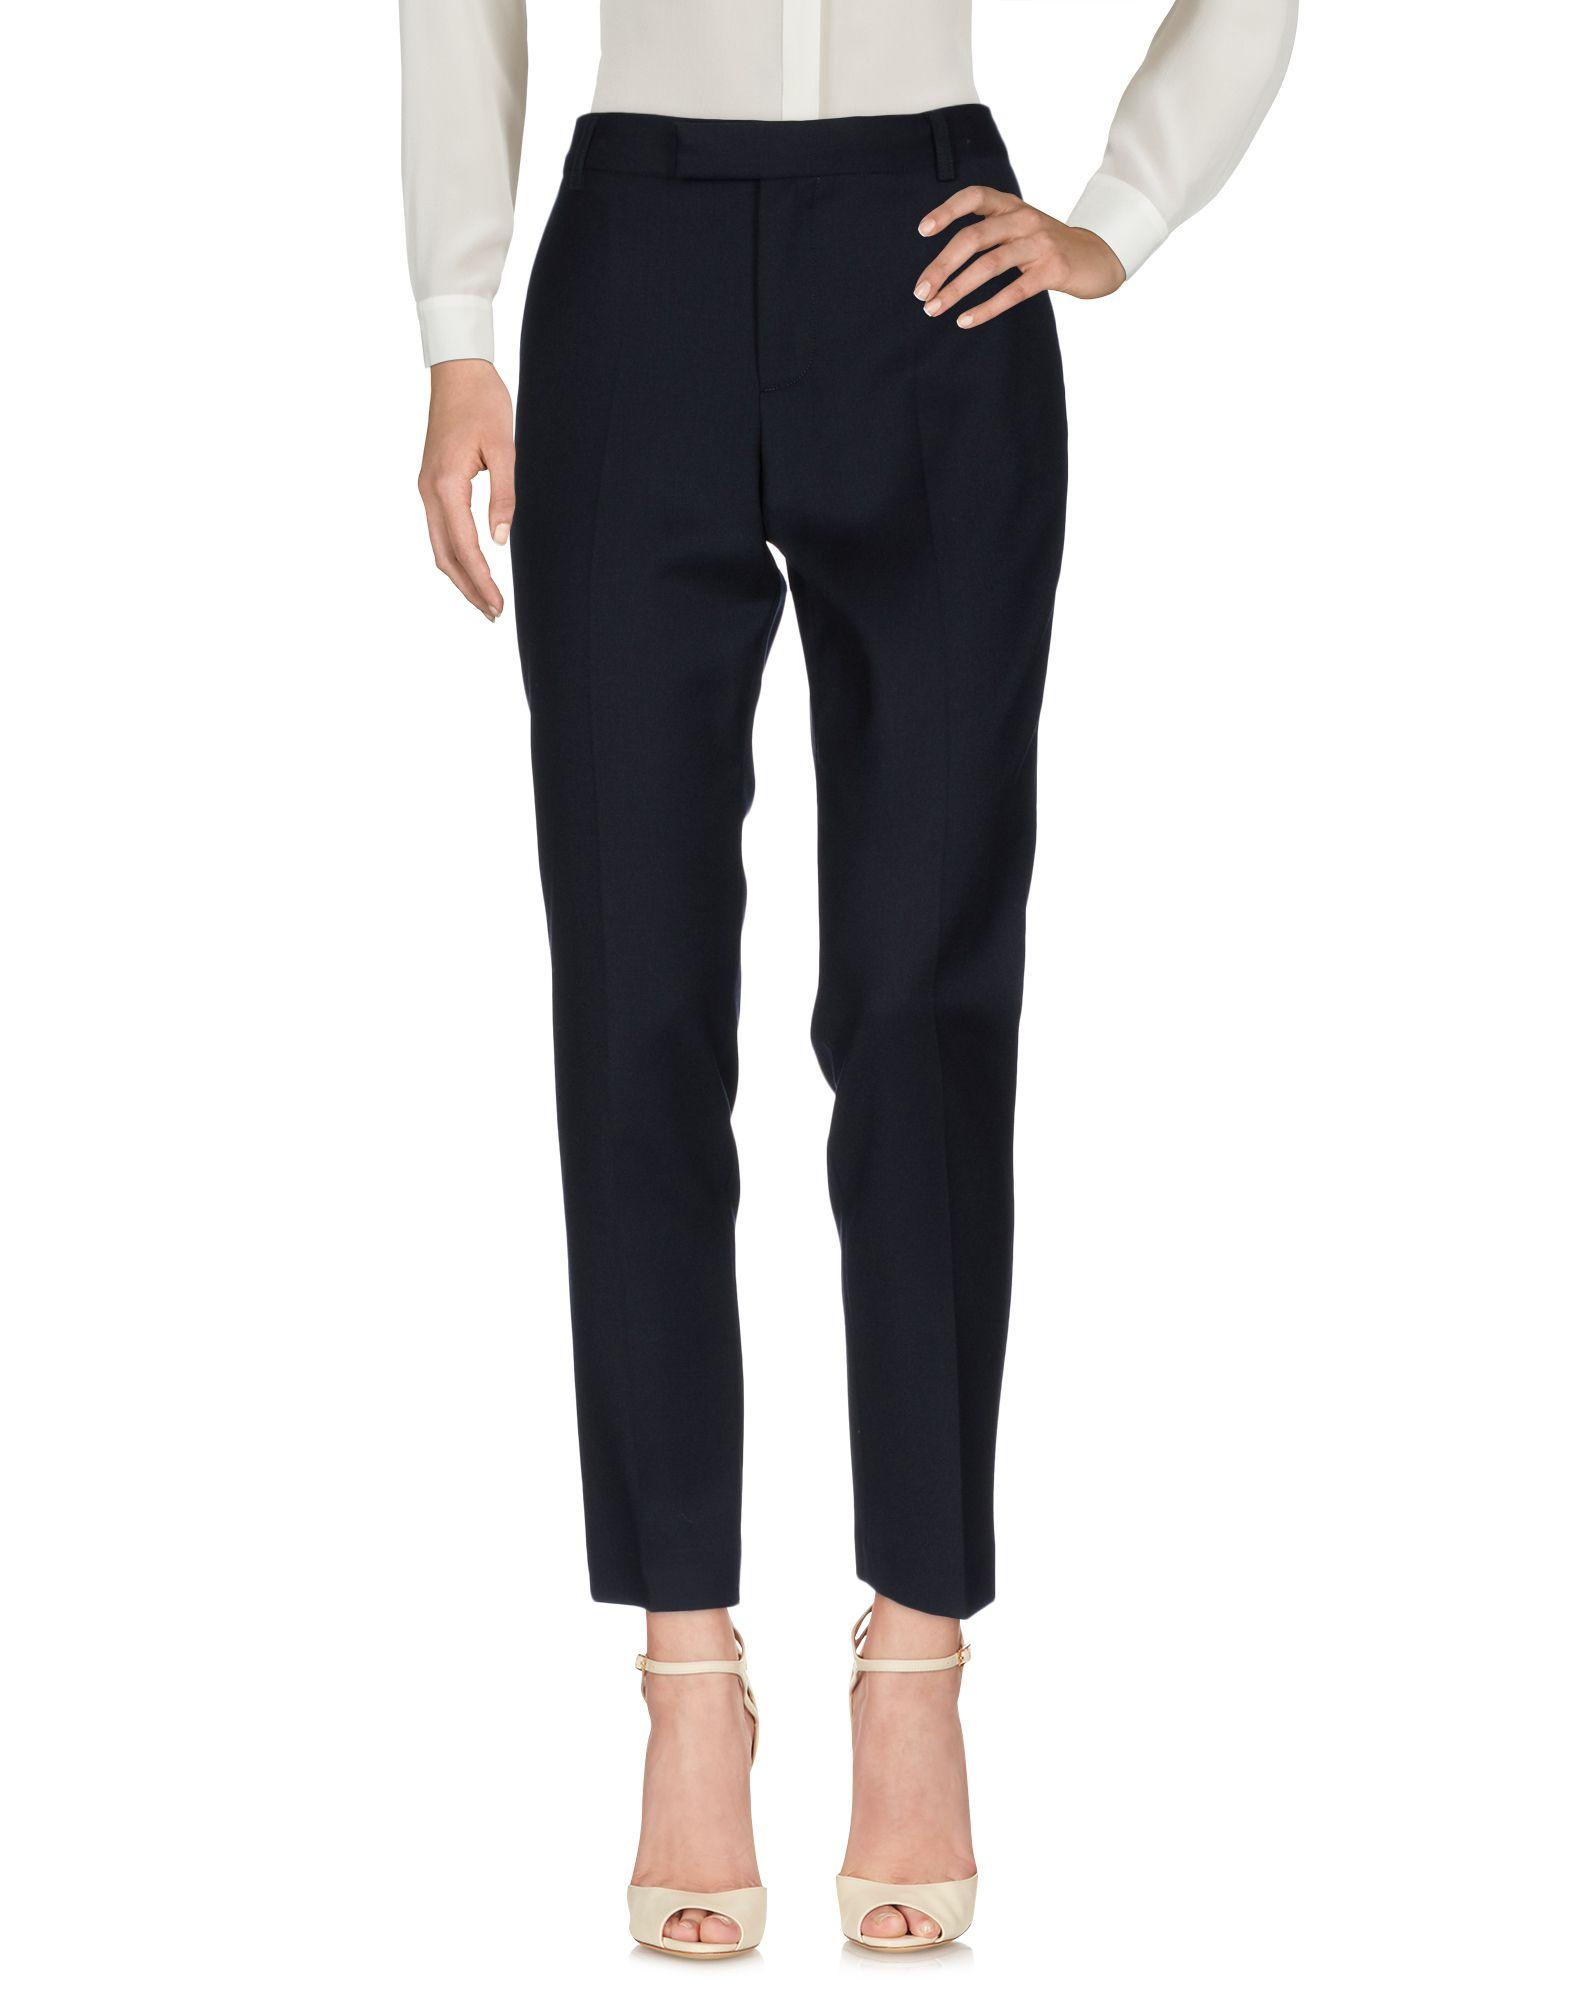 MARC BY MARC JACOBS Повседневные брюки ruibi ka marc rebecca тонкий брюки карандаш пригородный костюм брюки тонкие брюки 72012k темно серый код m